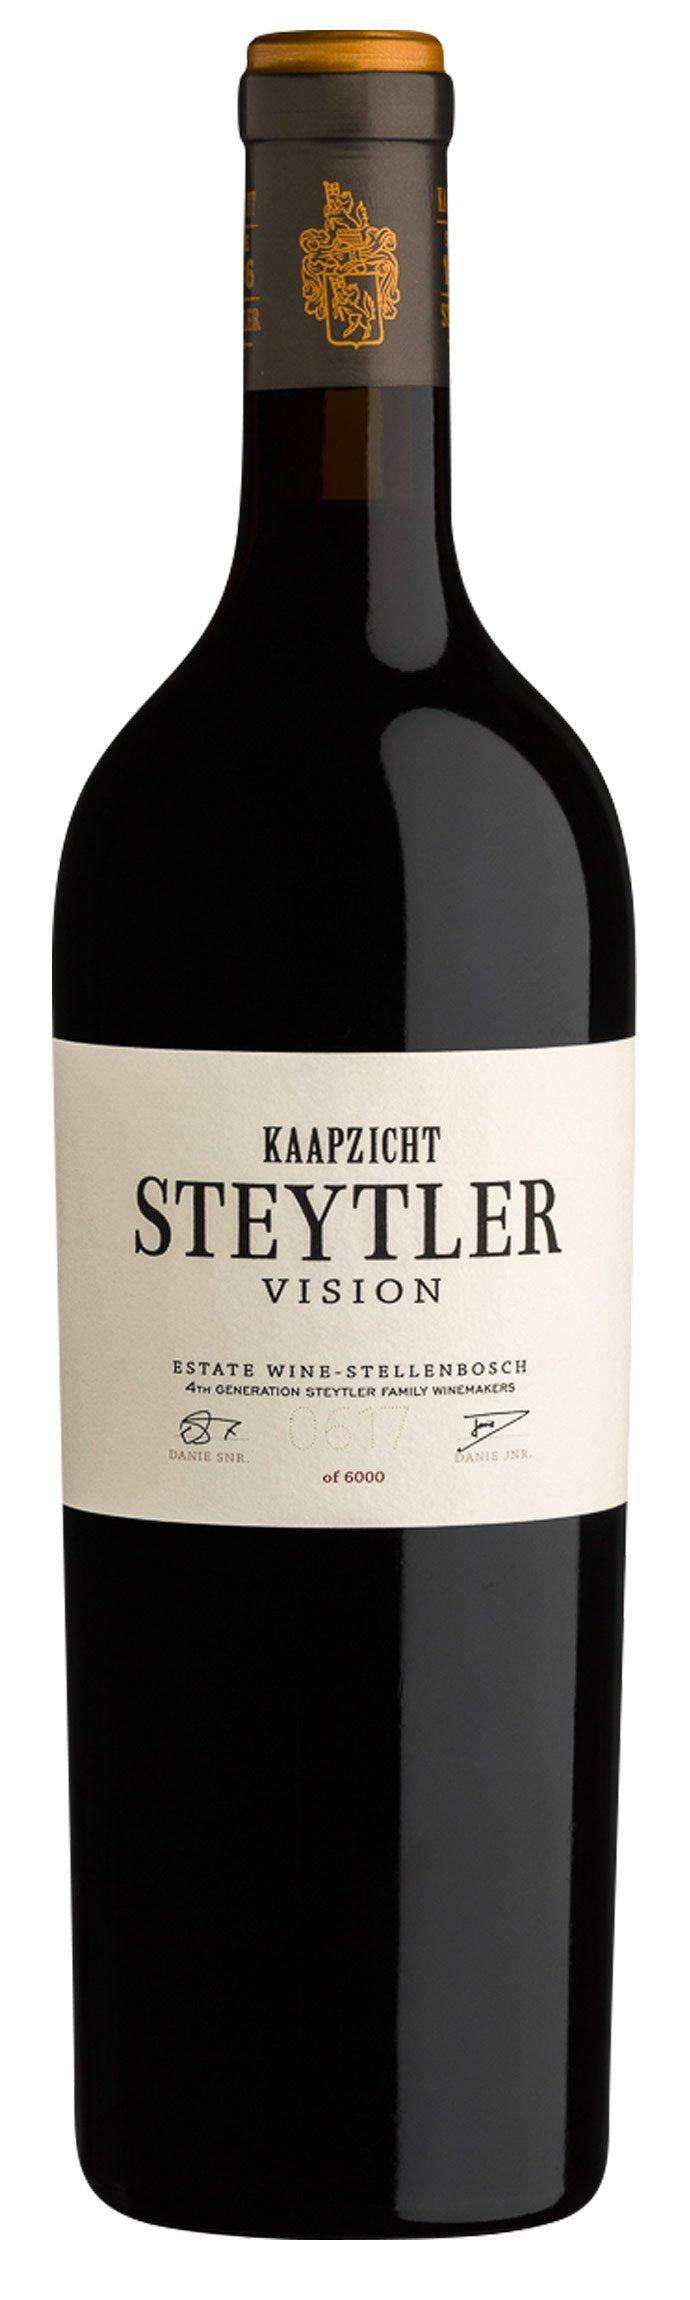 Kaapzicht-Steytler-Vision-2017-trocken-075-L-Flaschen